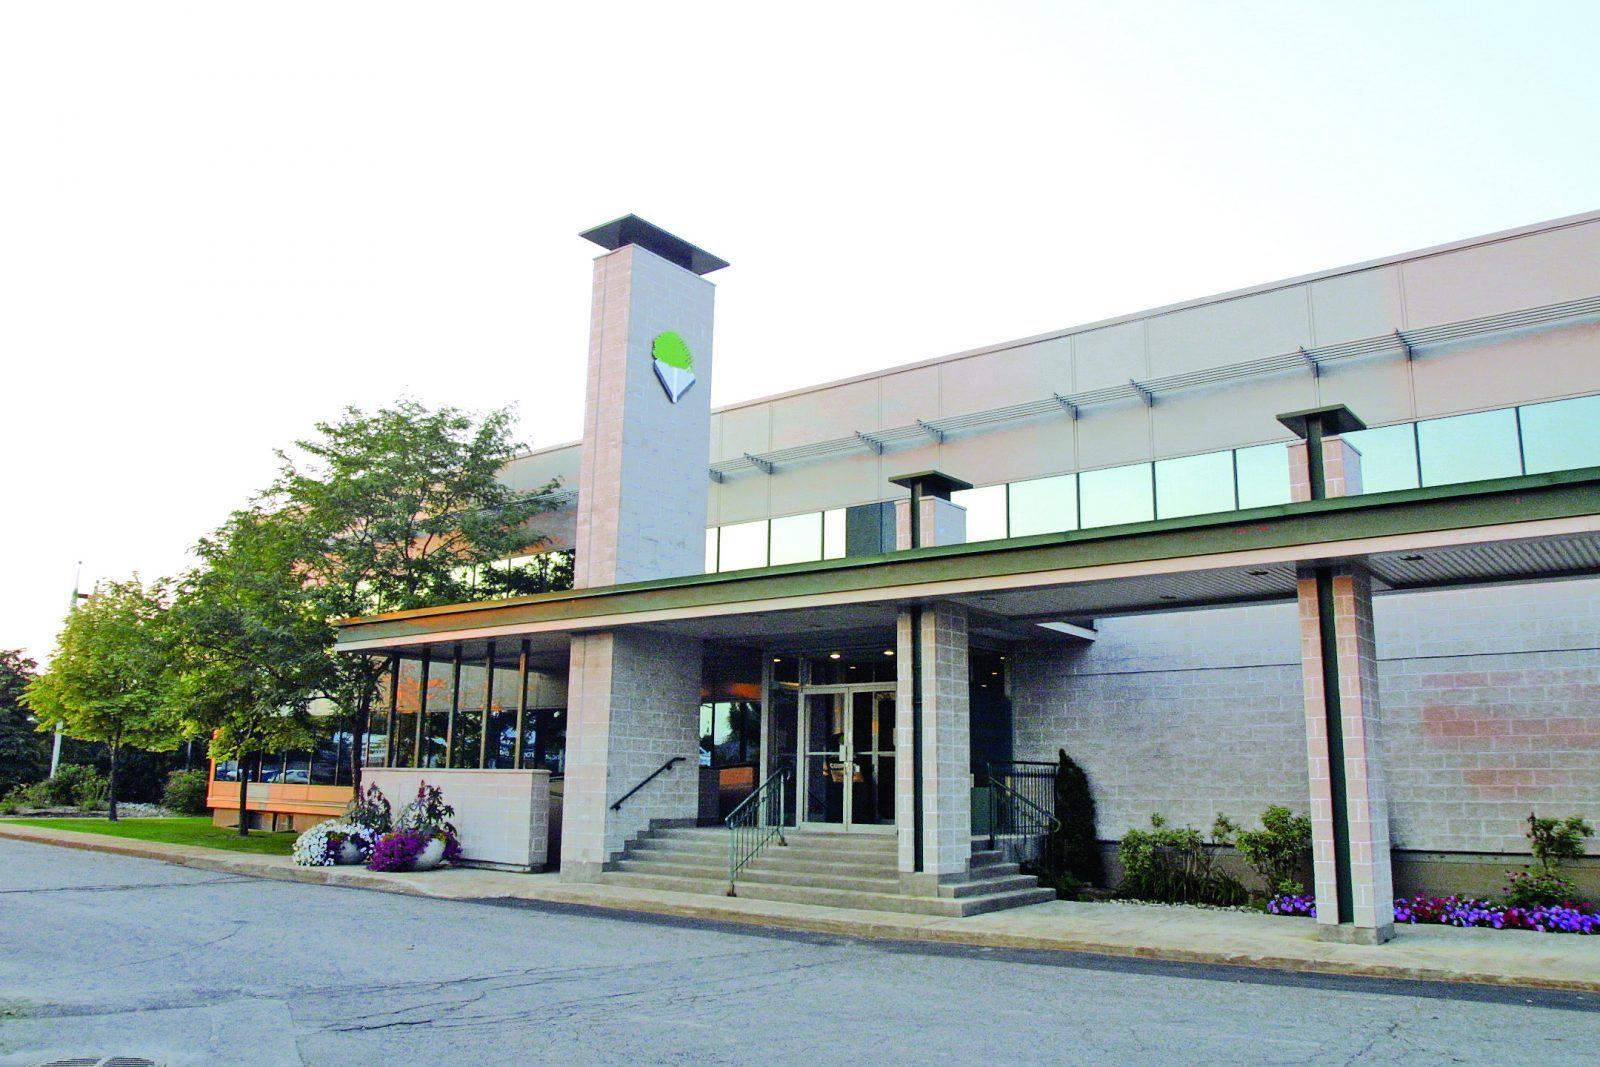 L'hôtel de ville de Sainte-Julie, la bibliothèque et différents services ouvriront dans les prochains jours